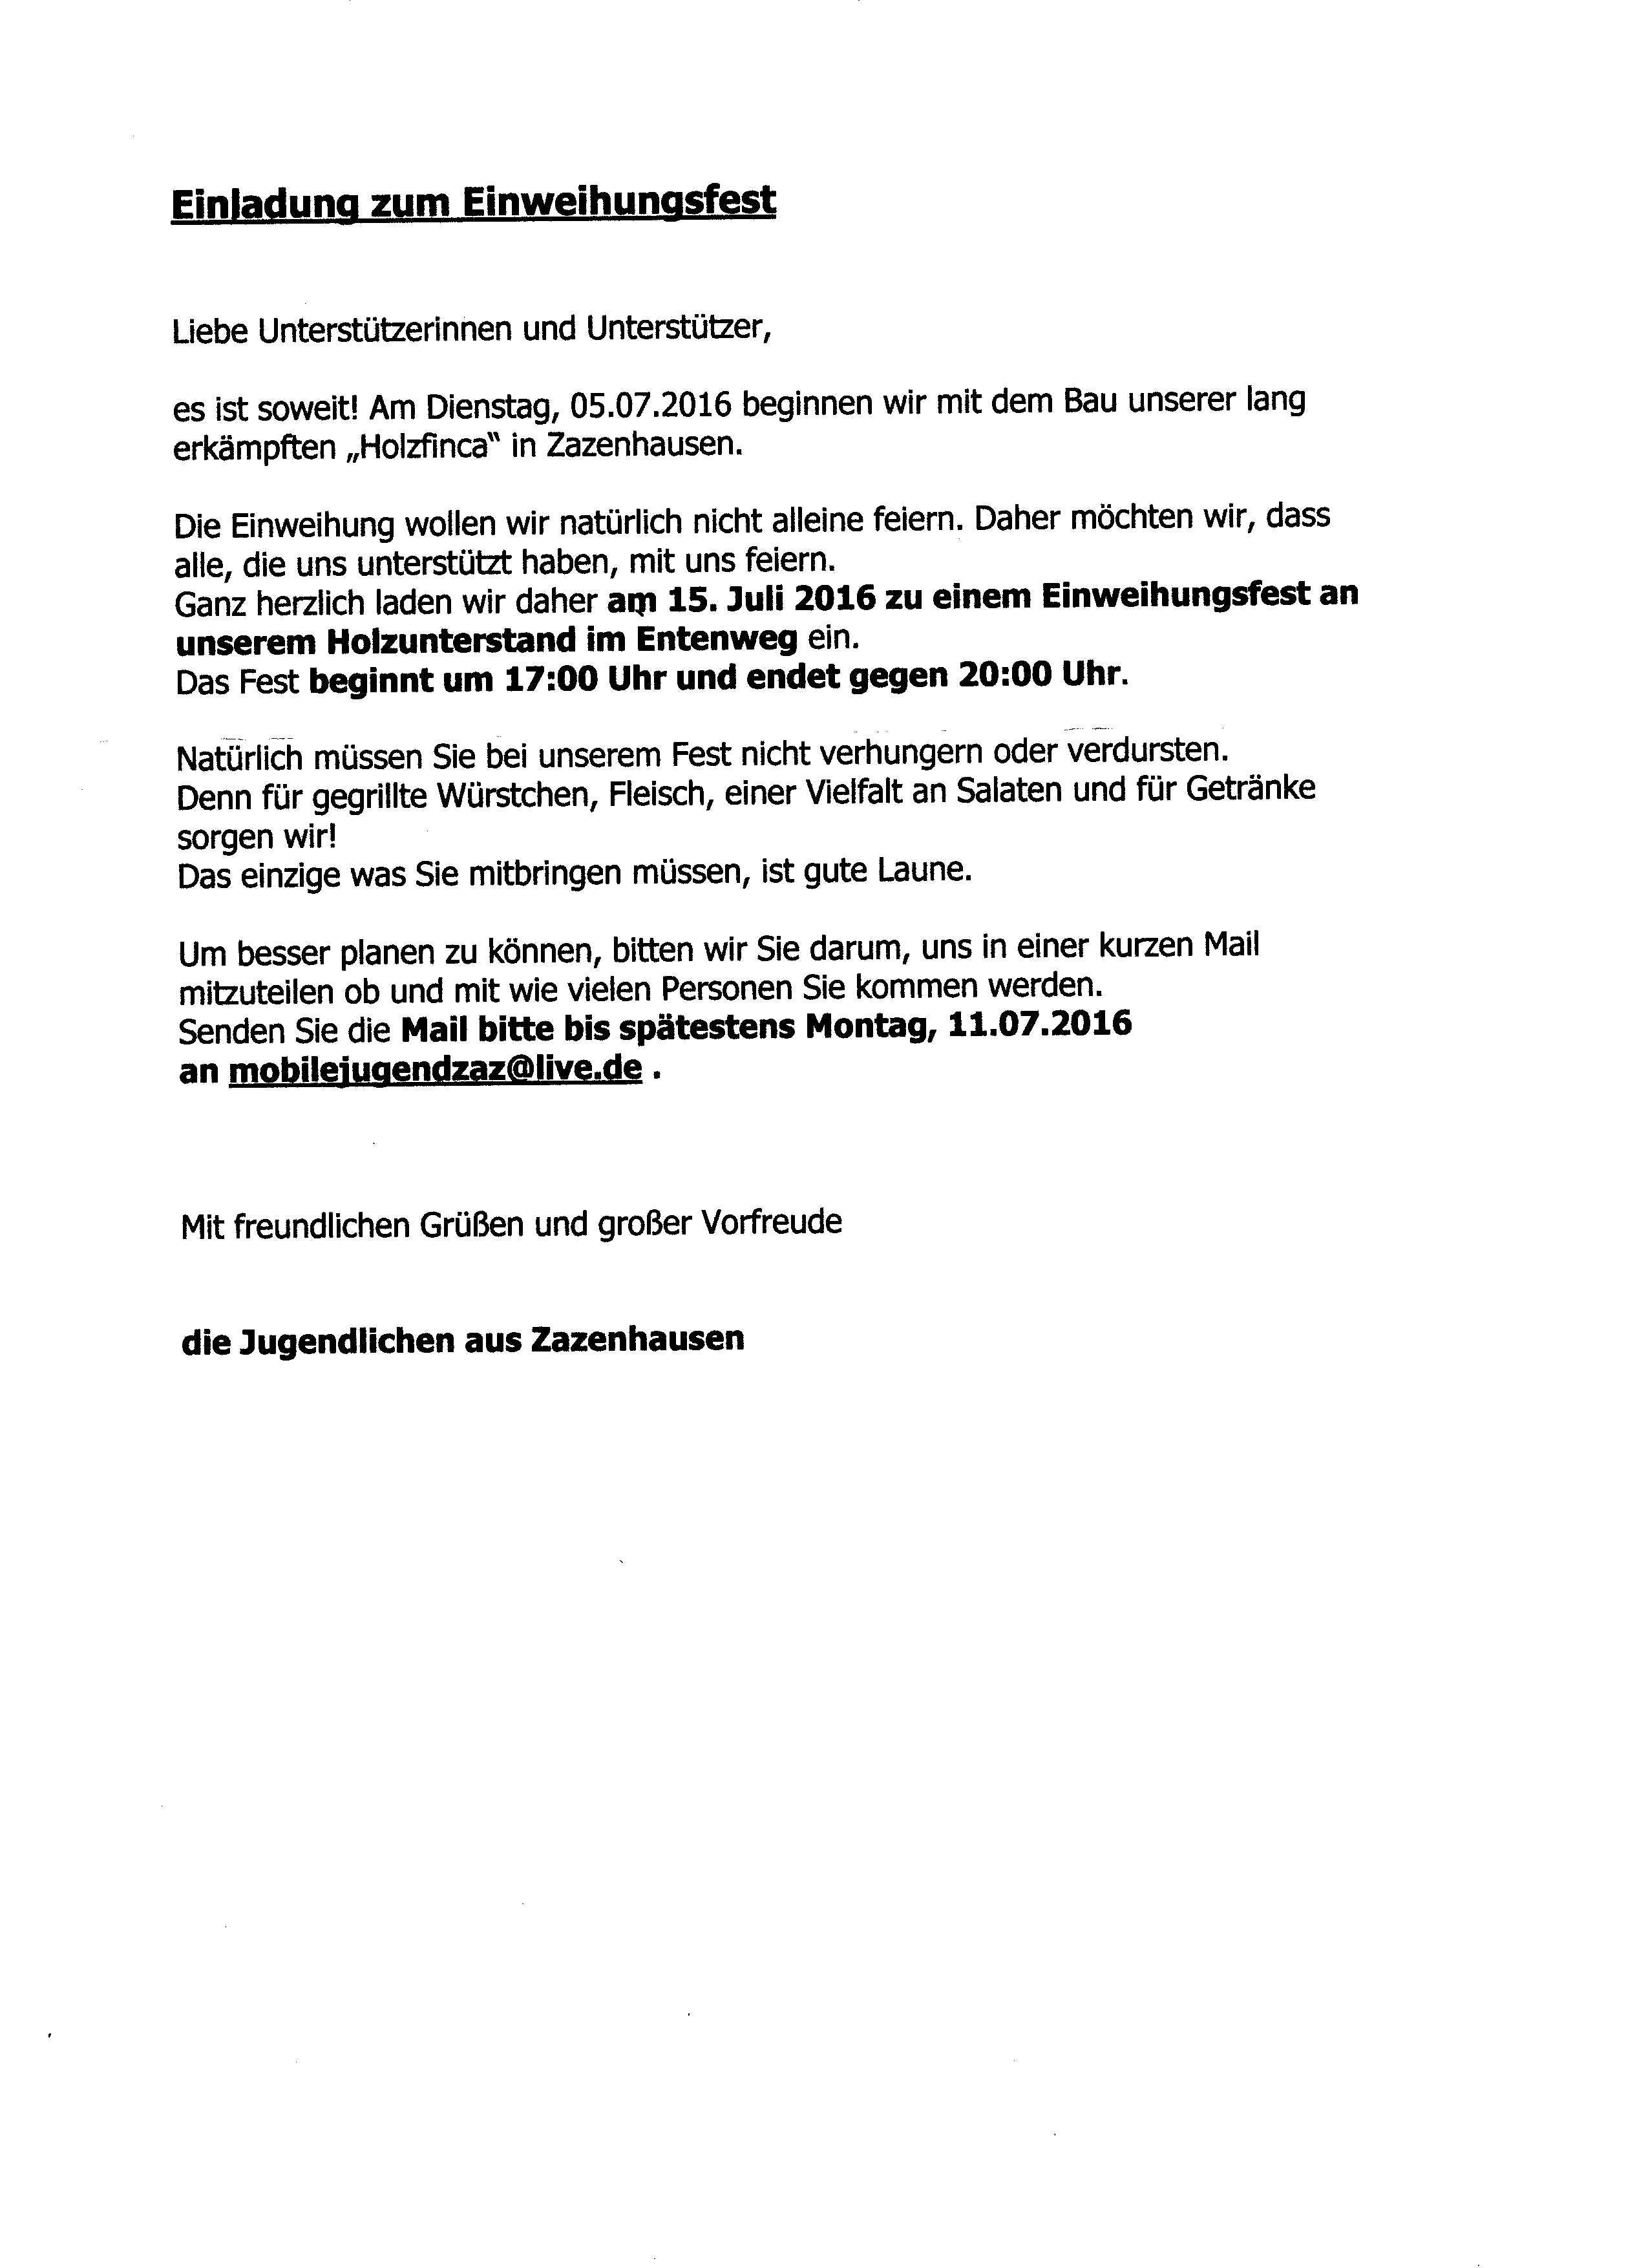 Groß Politische Spendenaktion Einladungsvorlage Ideen - Beispiel ...